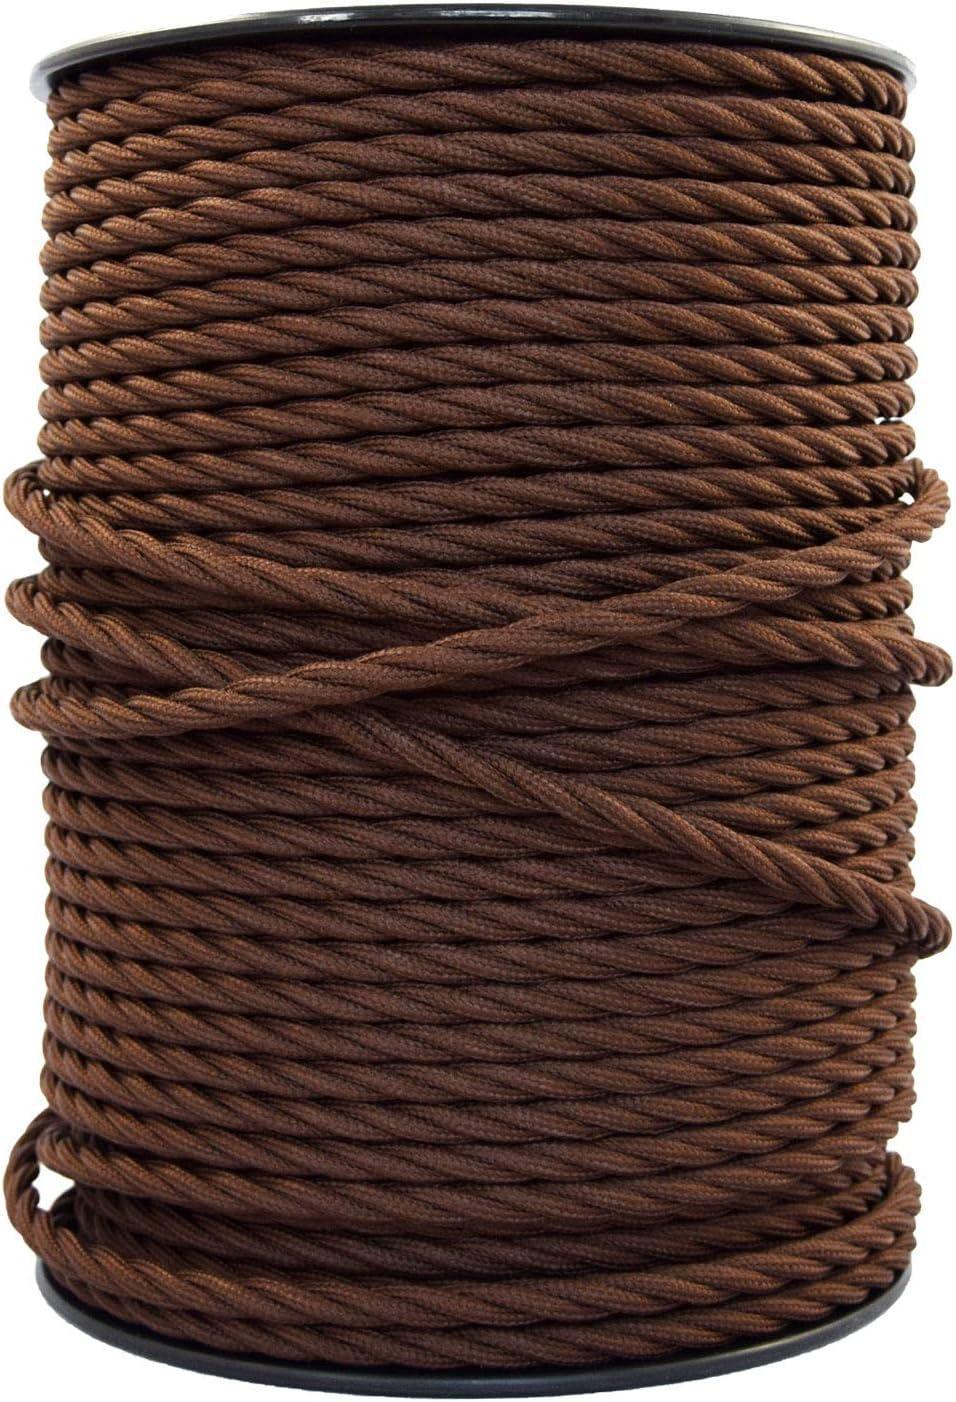 smartect Cable para lámparas de tela en color Marrón - Cable textil trenzado de 20 Metro - 3 hilos (3 x 0,75 mm²) - Cable de luz con revestimiento textil